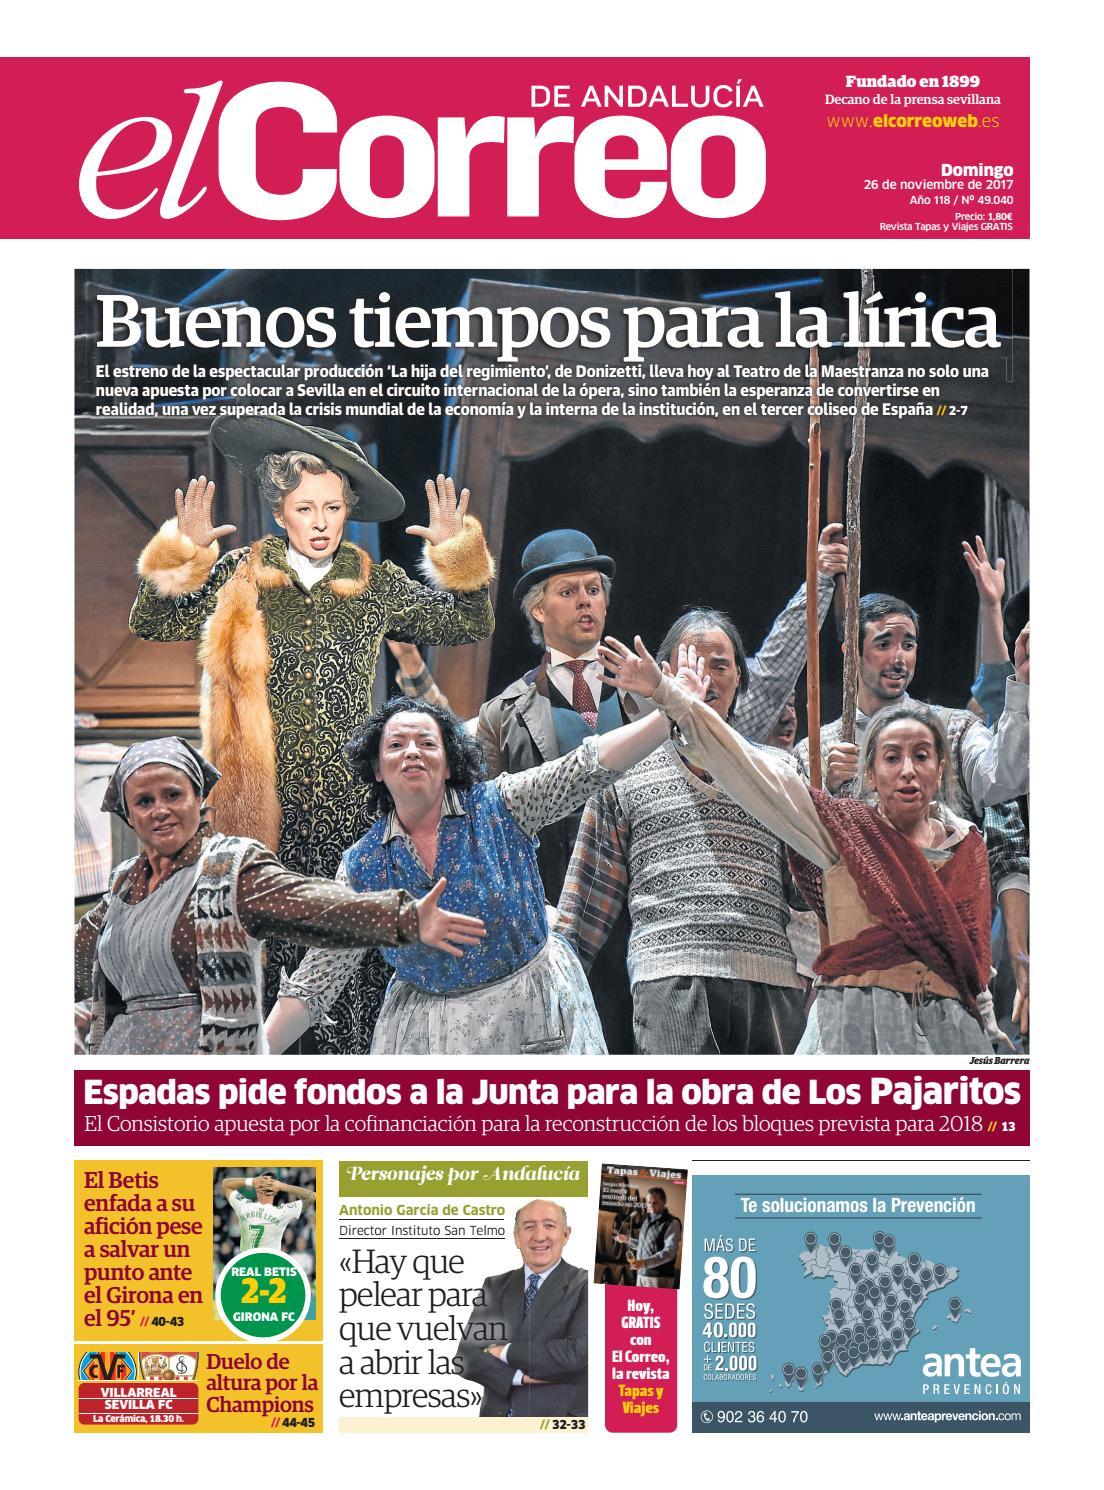 39fd348917301 26.11.2017 El Correo de Andalucía by EL CORREO DE ANDALUCÍA S.L. - issuu